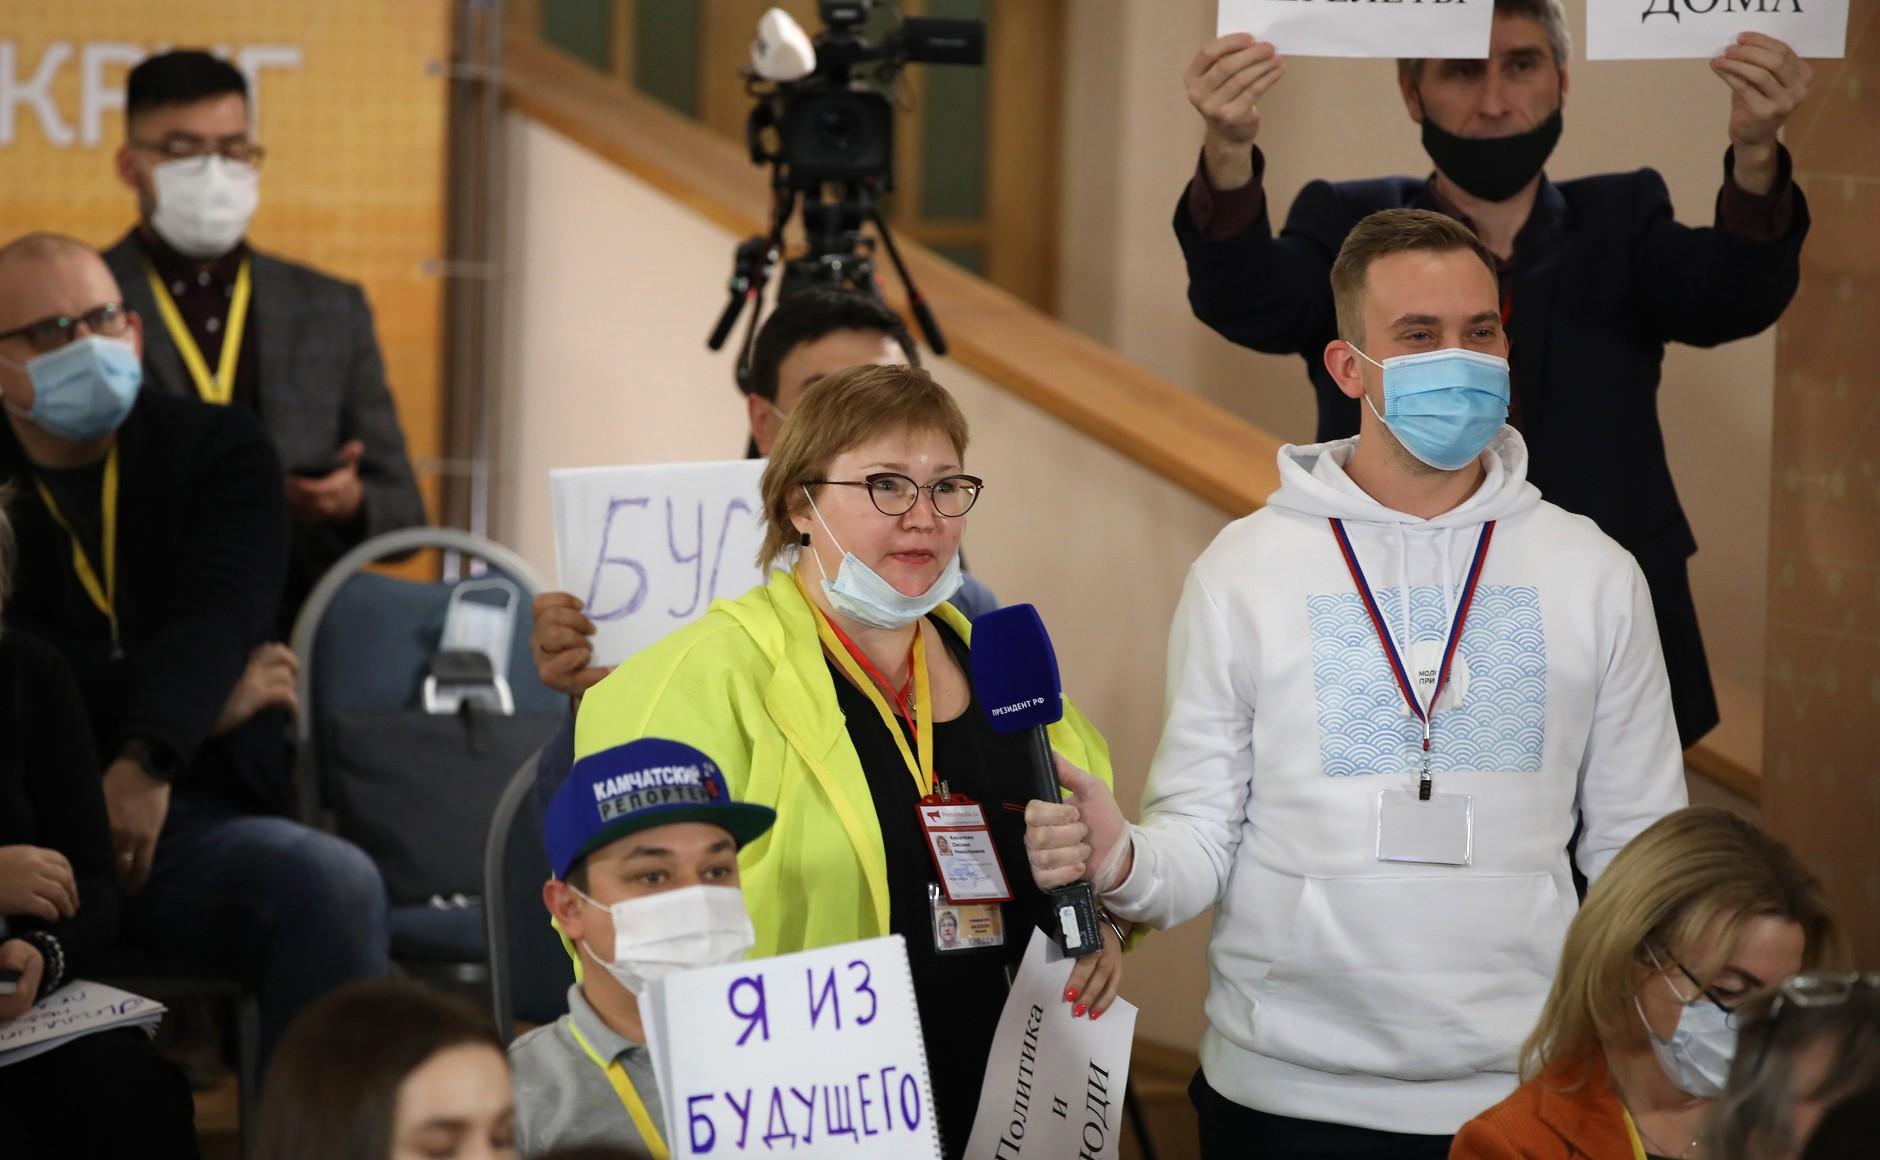 RUSSIE 17.12.2020.CONFERENCE 54 XX 66 Avant le début de la conférence de presse annuelle de Vladimir Poutine.